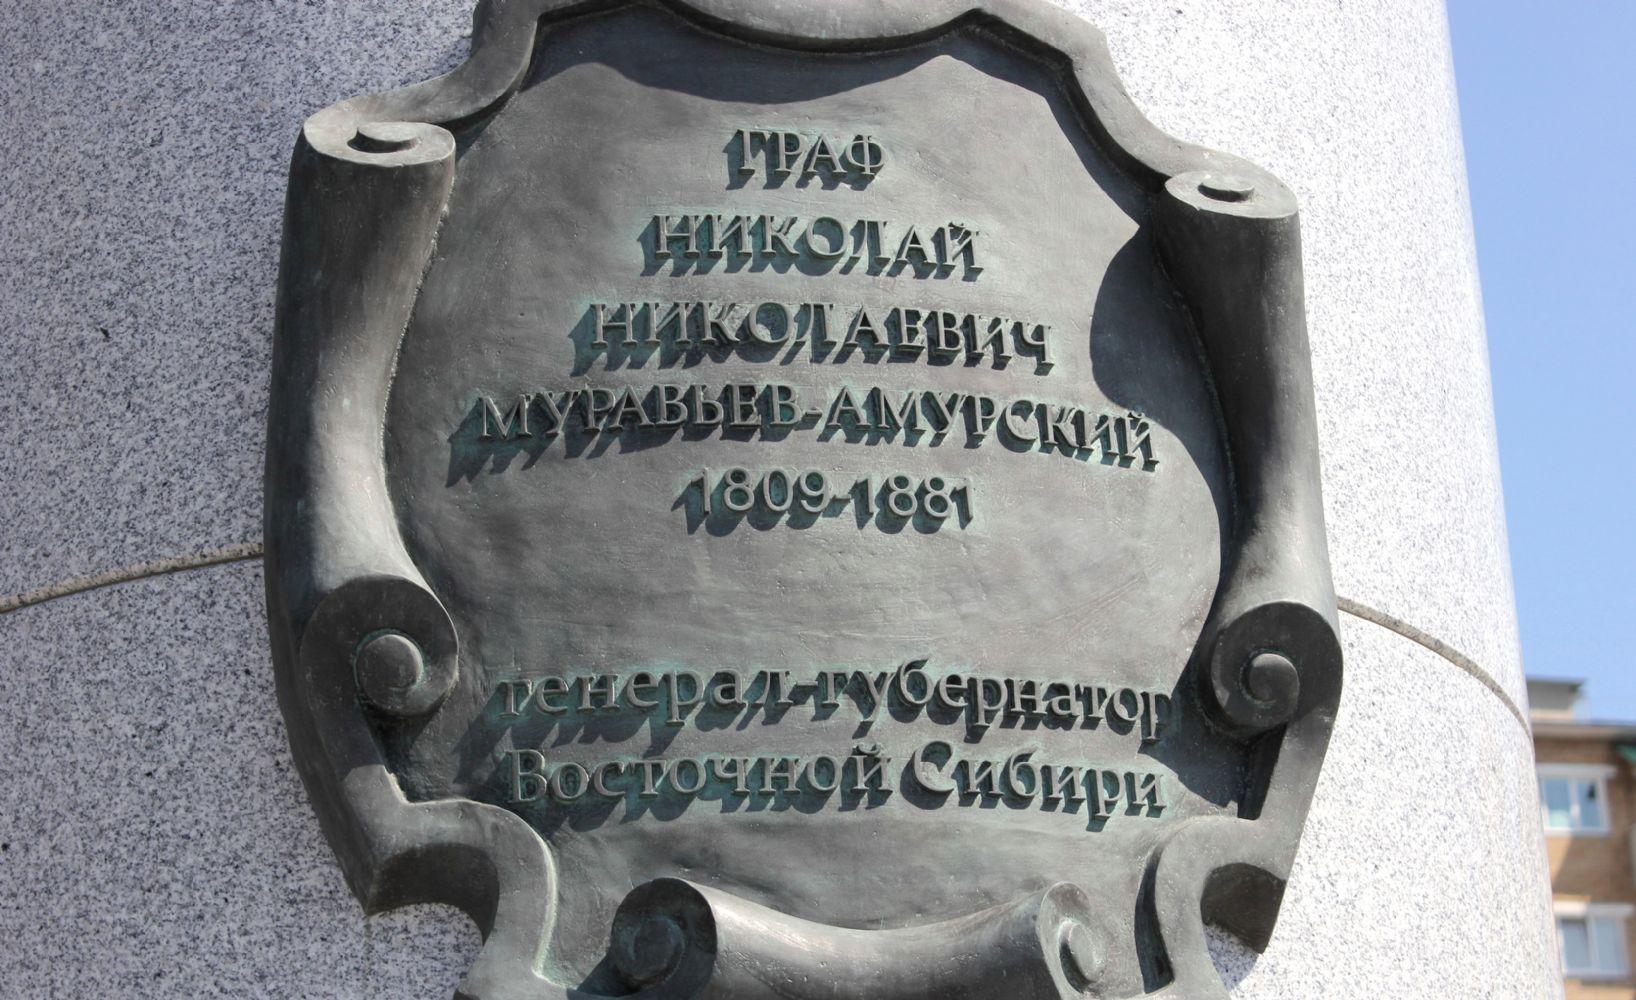 Муравьева амурского 27 тату